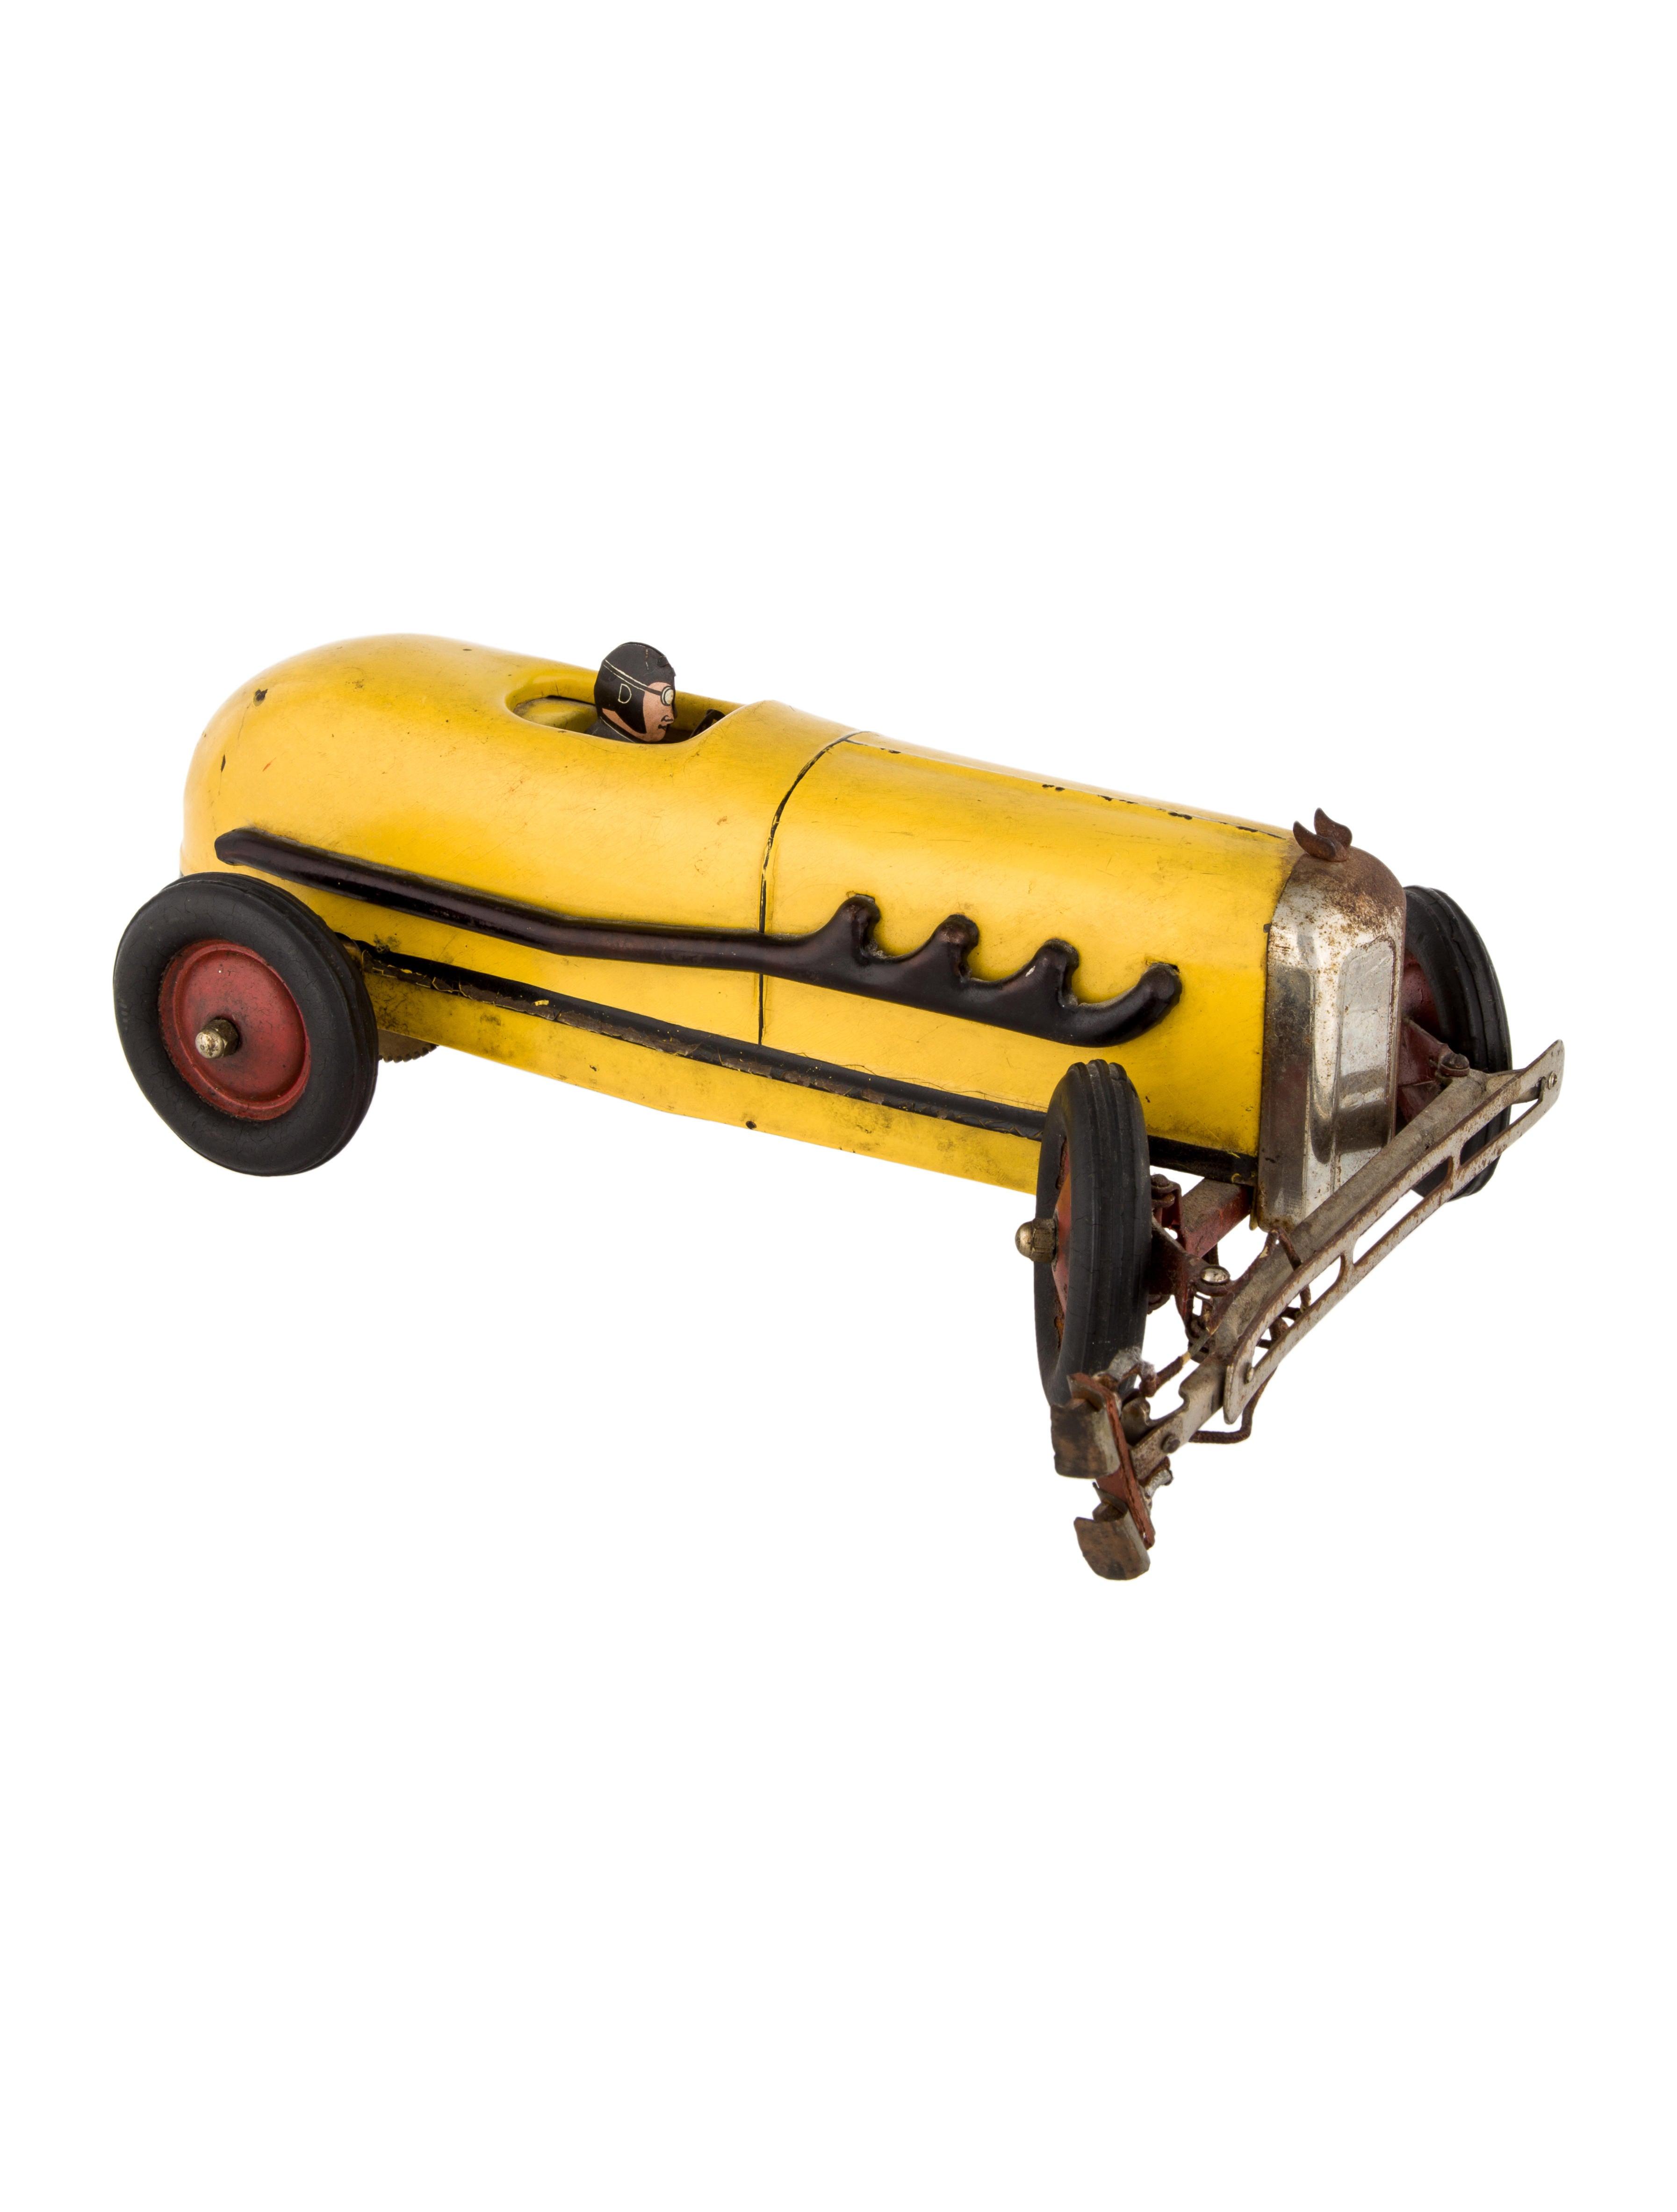 Antique kokomo electric car decor and accessories for Antique car decor